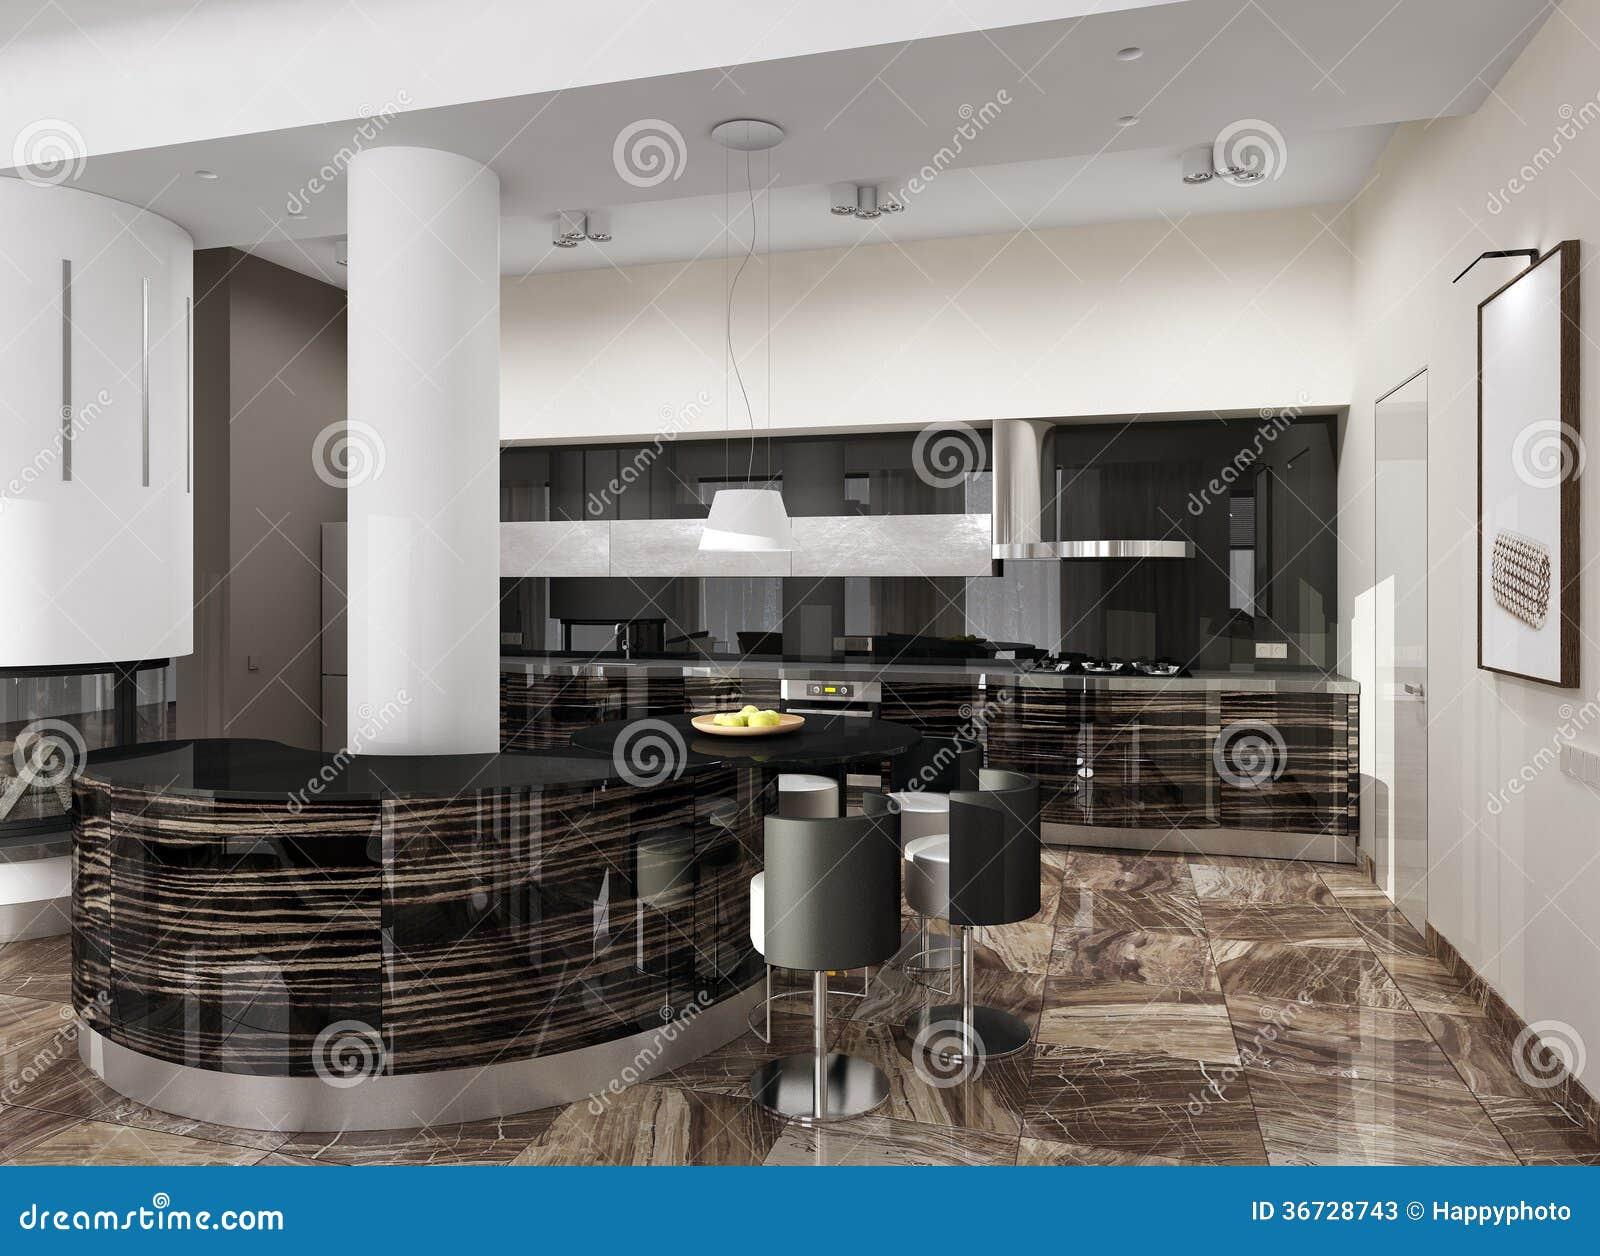 Tavernette moderne camera da letto rustica moderna camere for Illuminazione rustica della cabina